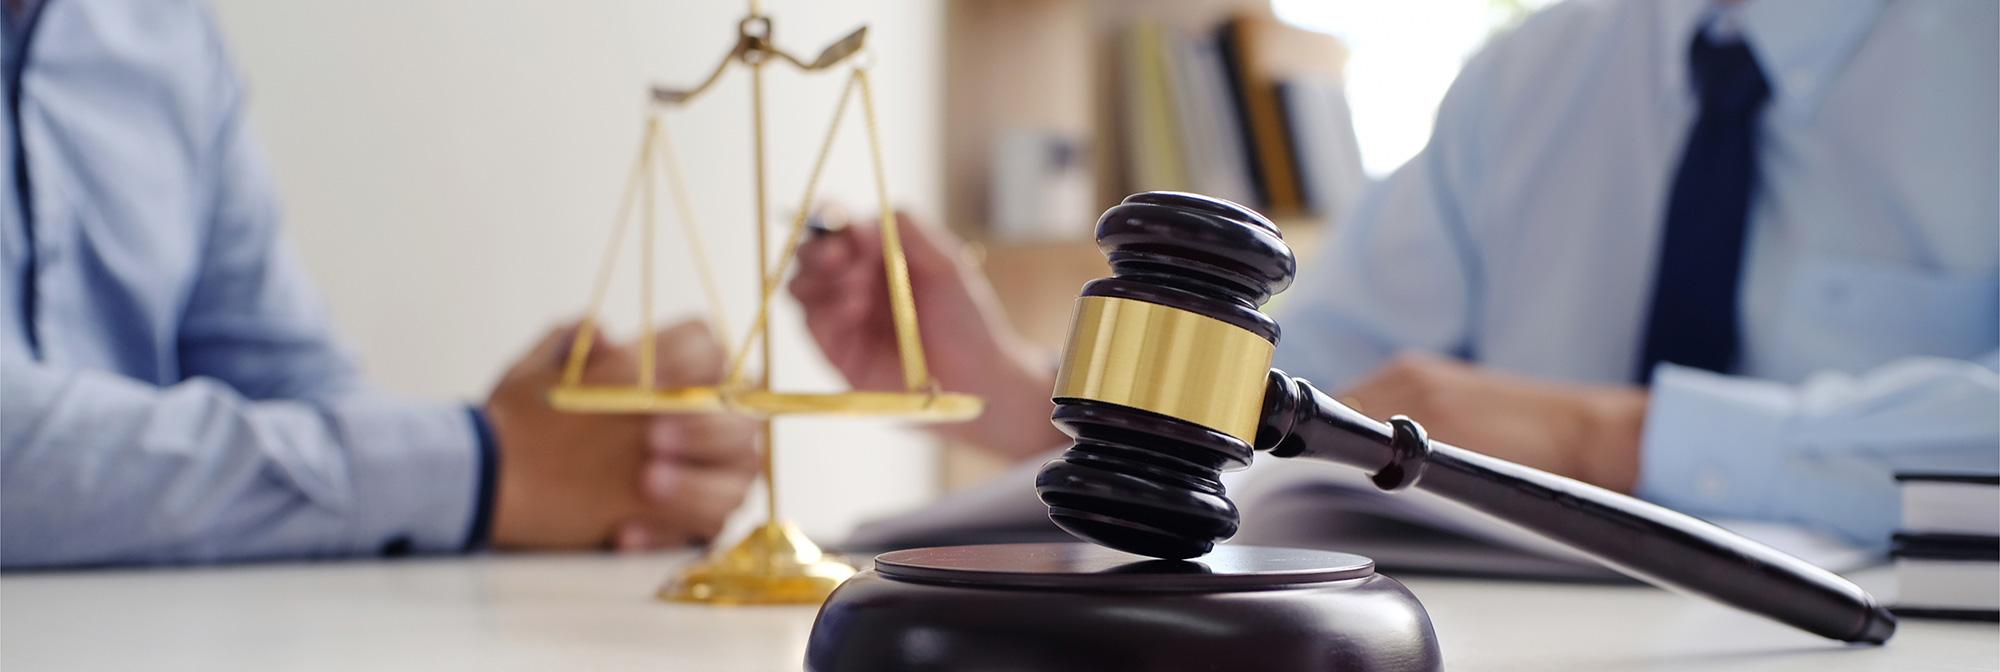 Gutachten für Gerichte, Versicherungen, Firmen und Privatpersonen